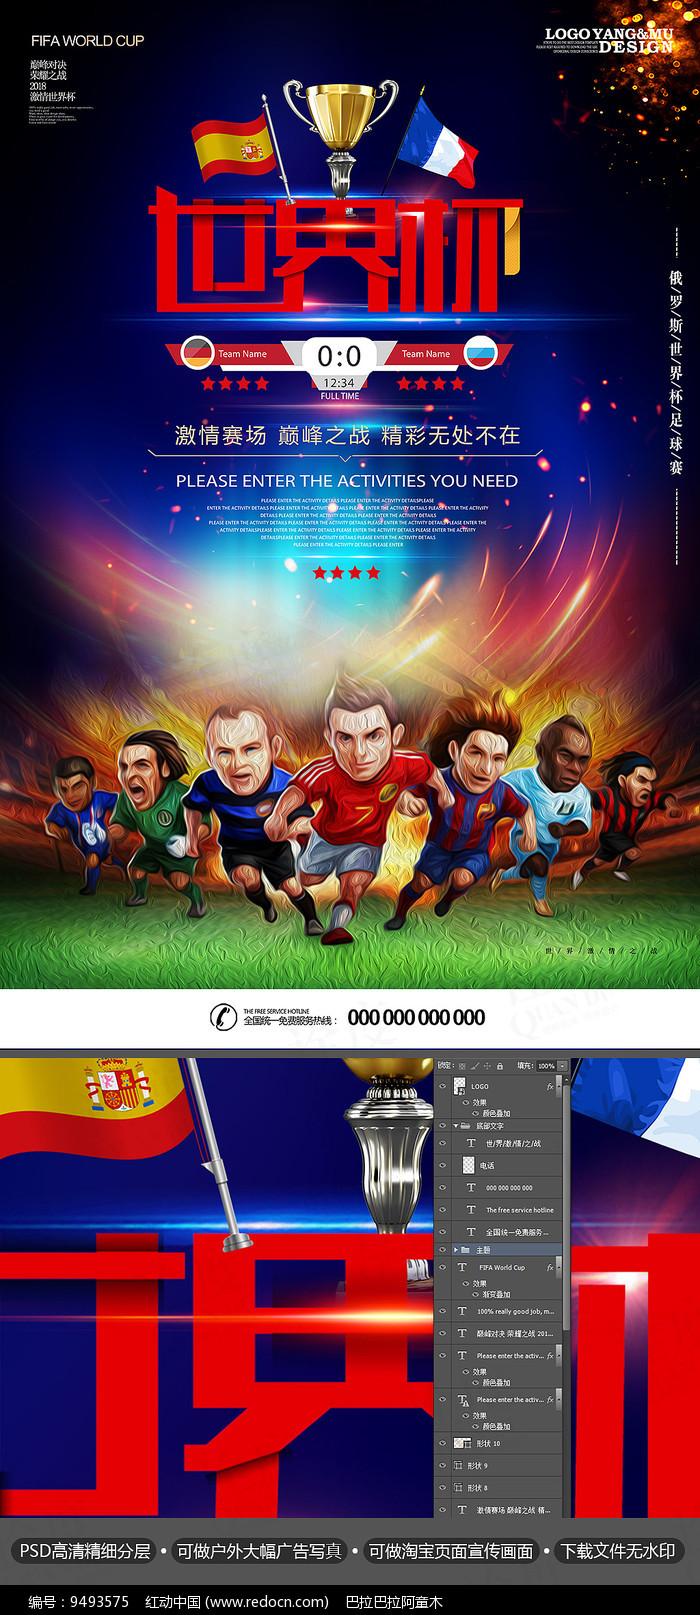 激情赛场世界杯海报图片